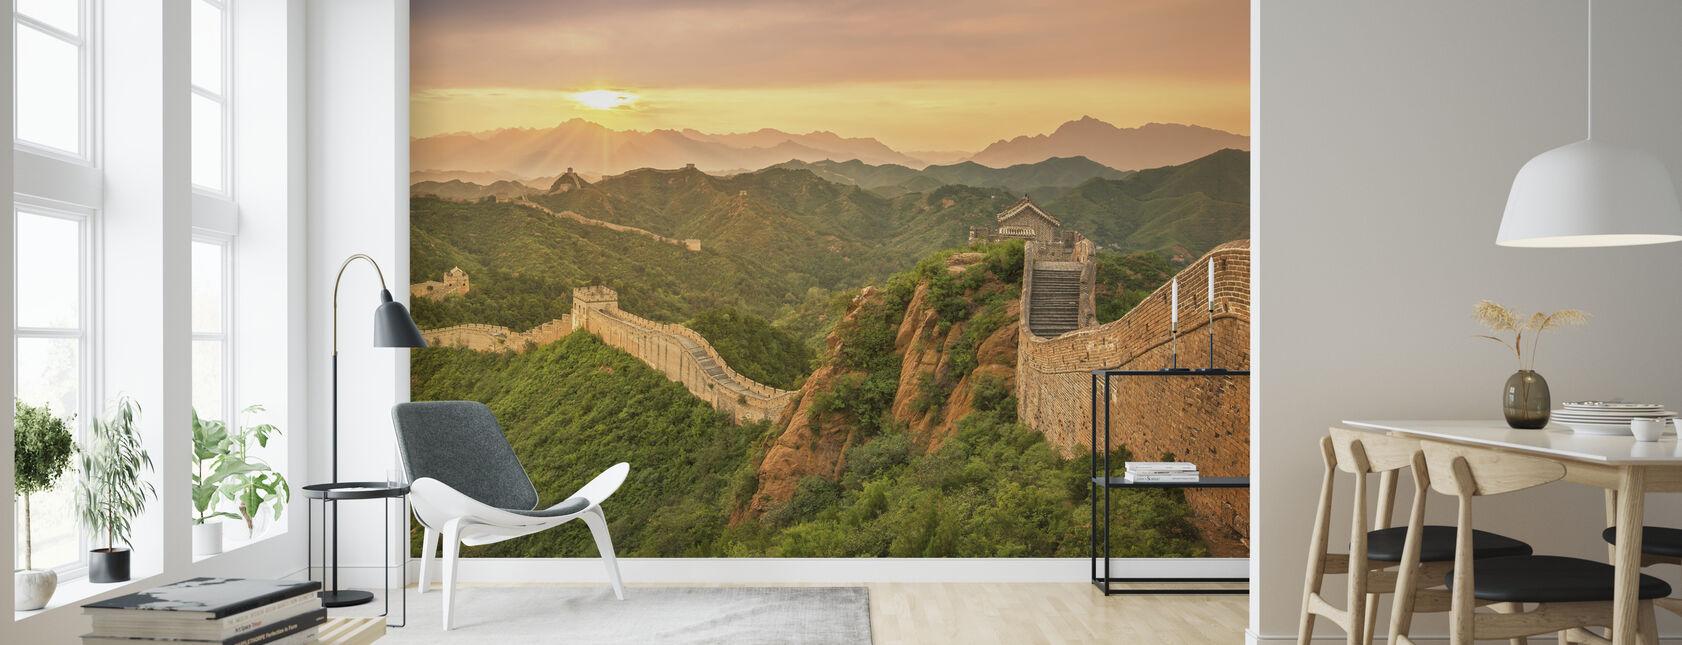 Grote Muur van China bij zonsopgang - Behang - Woonkamer